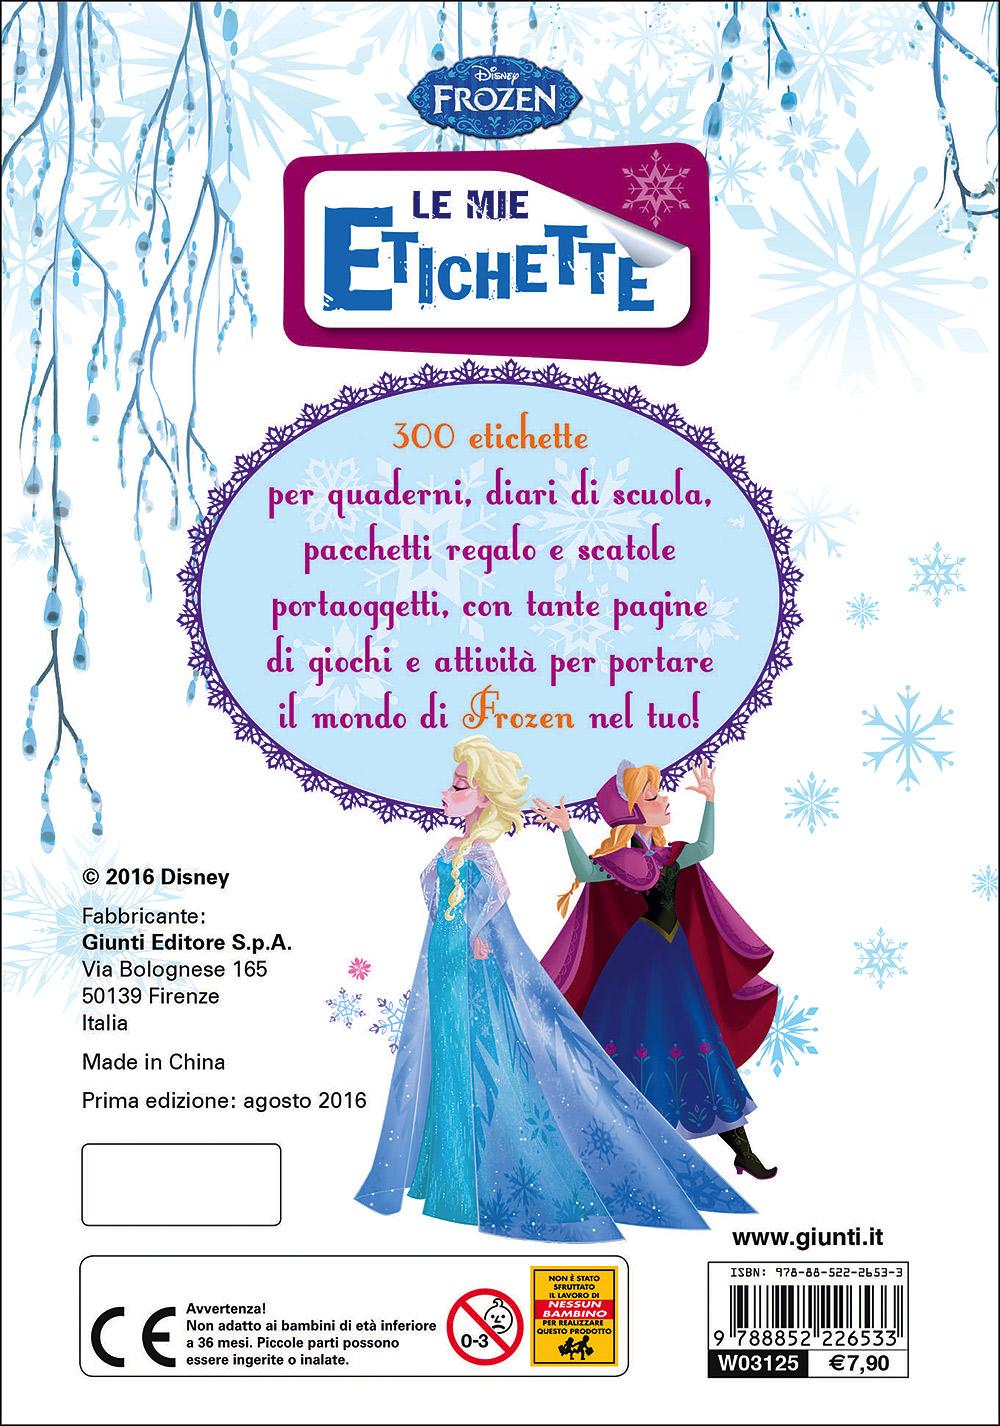 Le Mie Etichette - Frozen